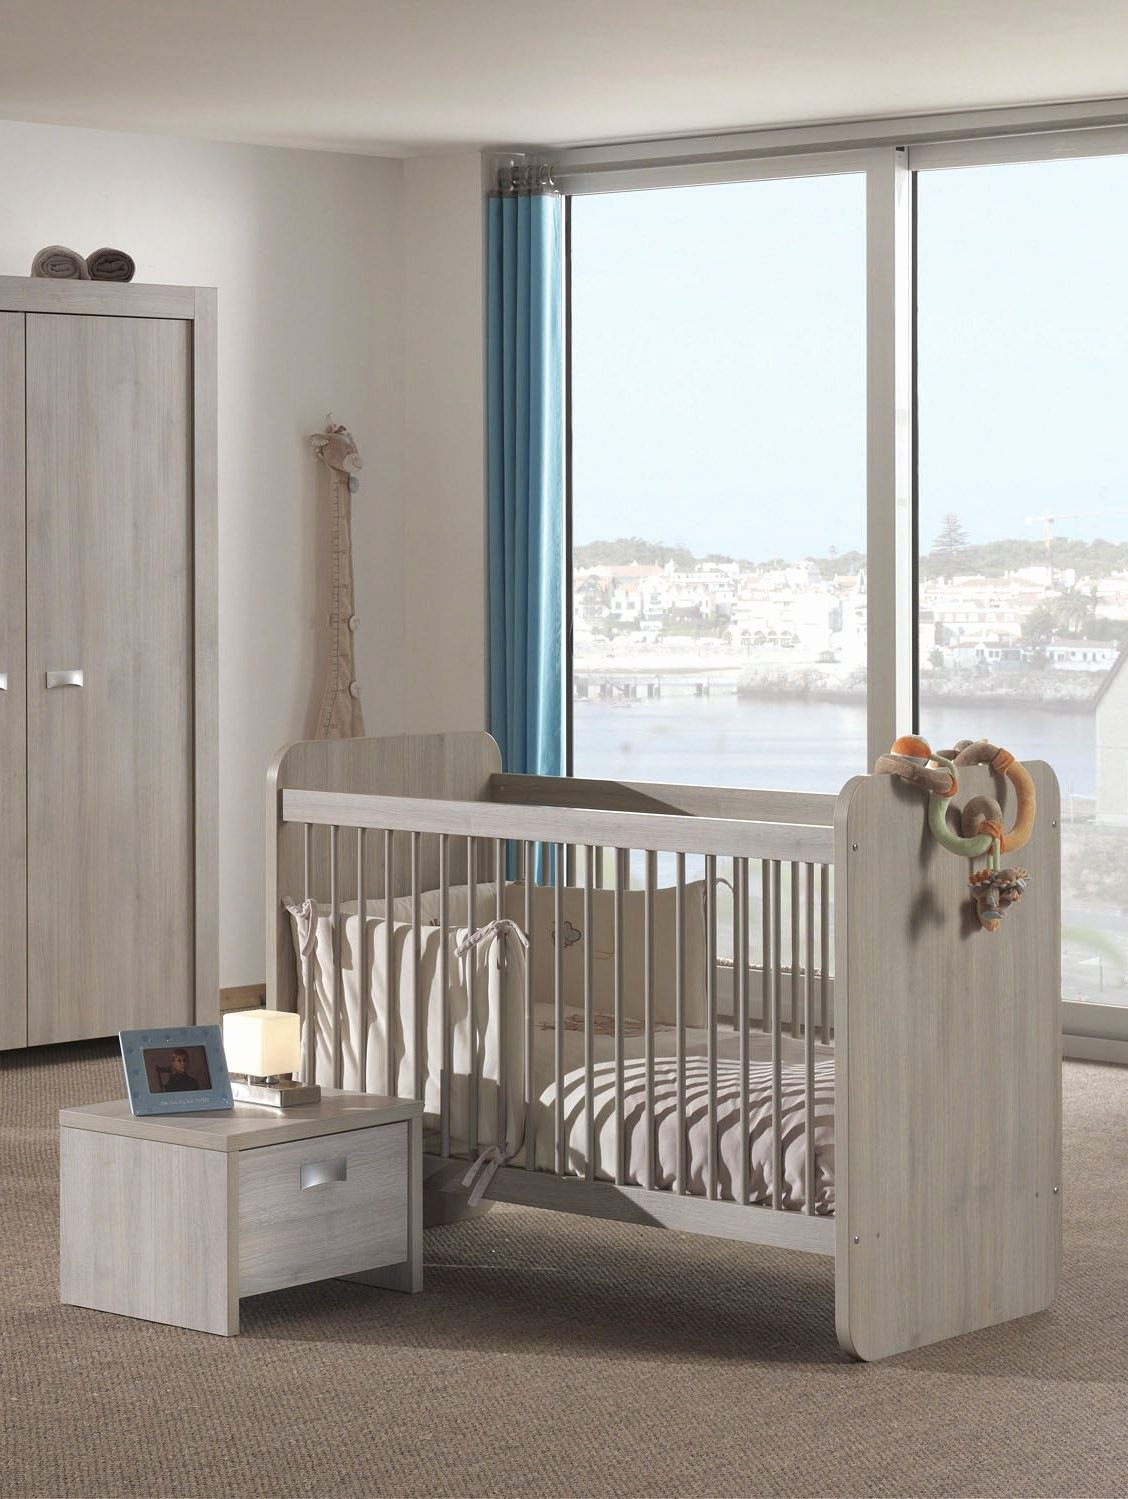 Lit Pliable Bébé Bel Lit Bébé Design Matelas Pour Bébé Conception Impressionnante Parc B